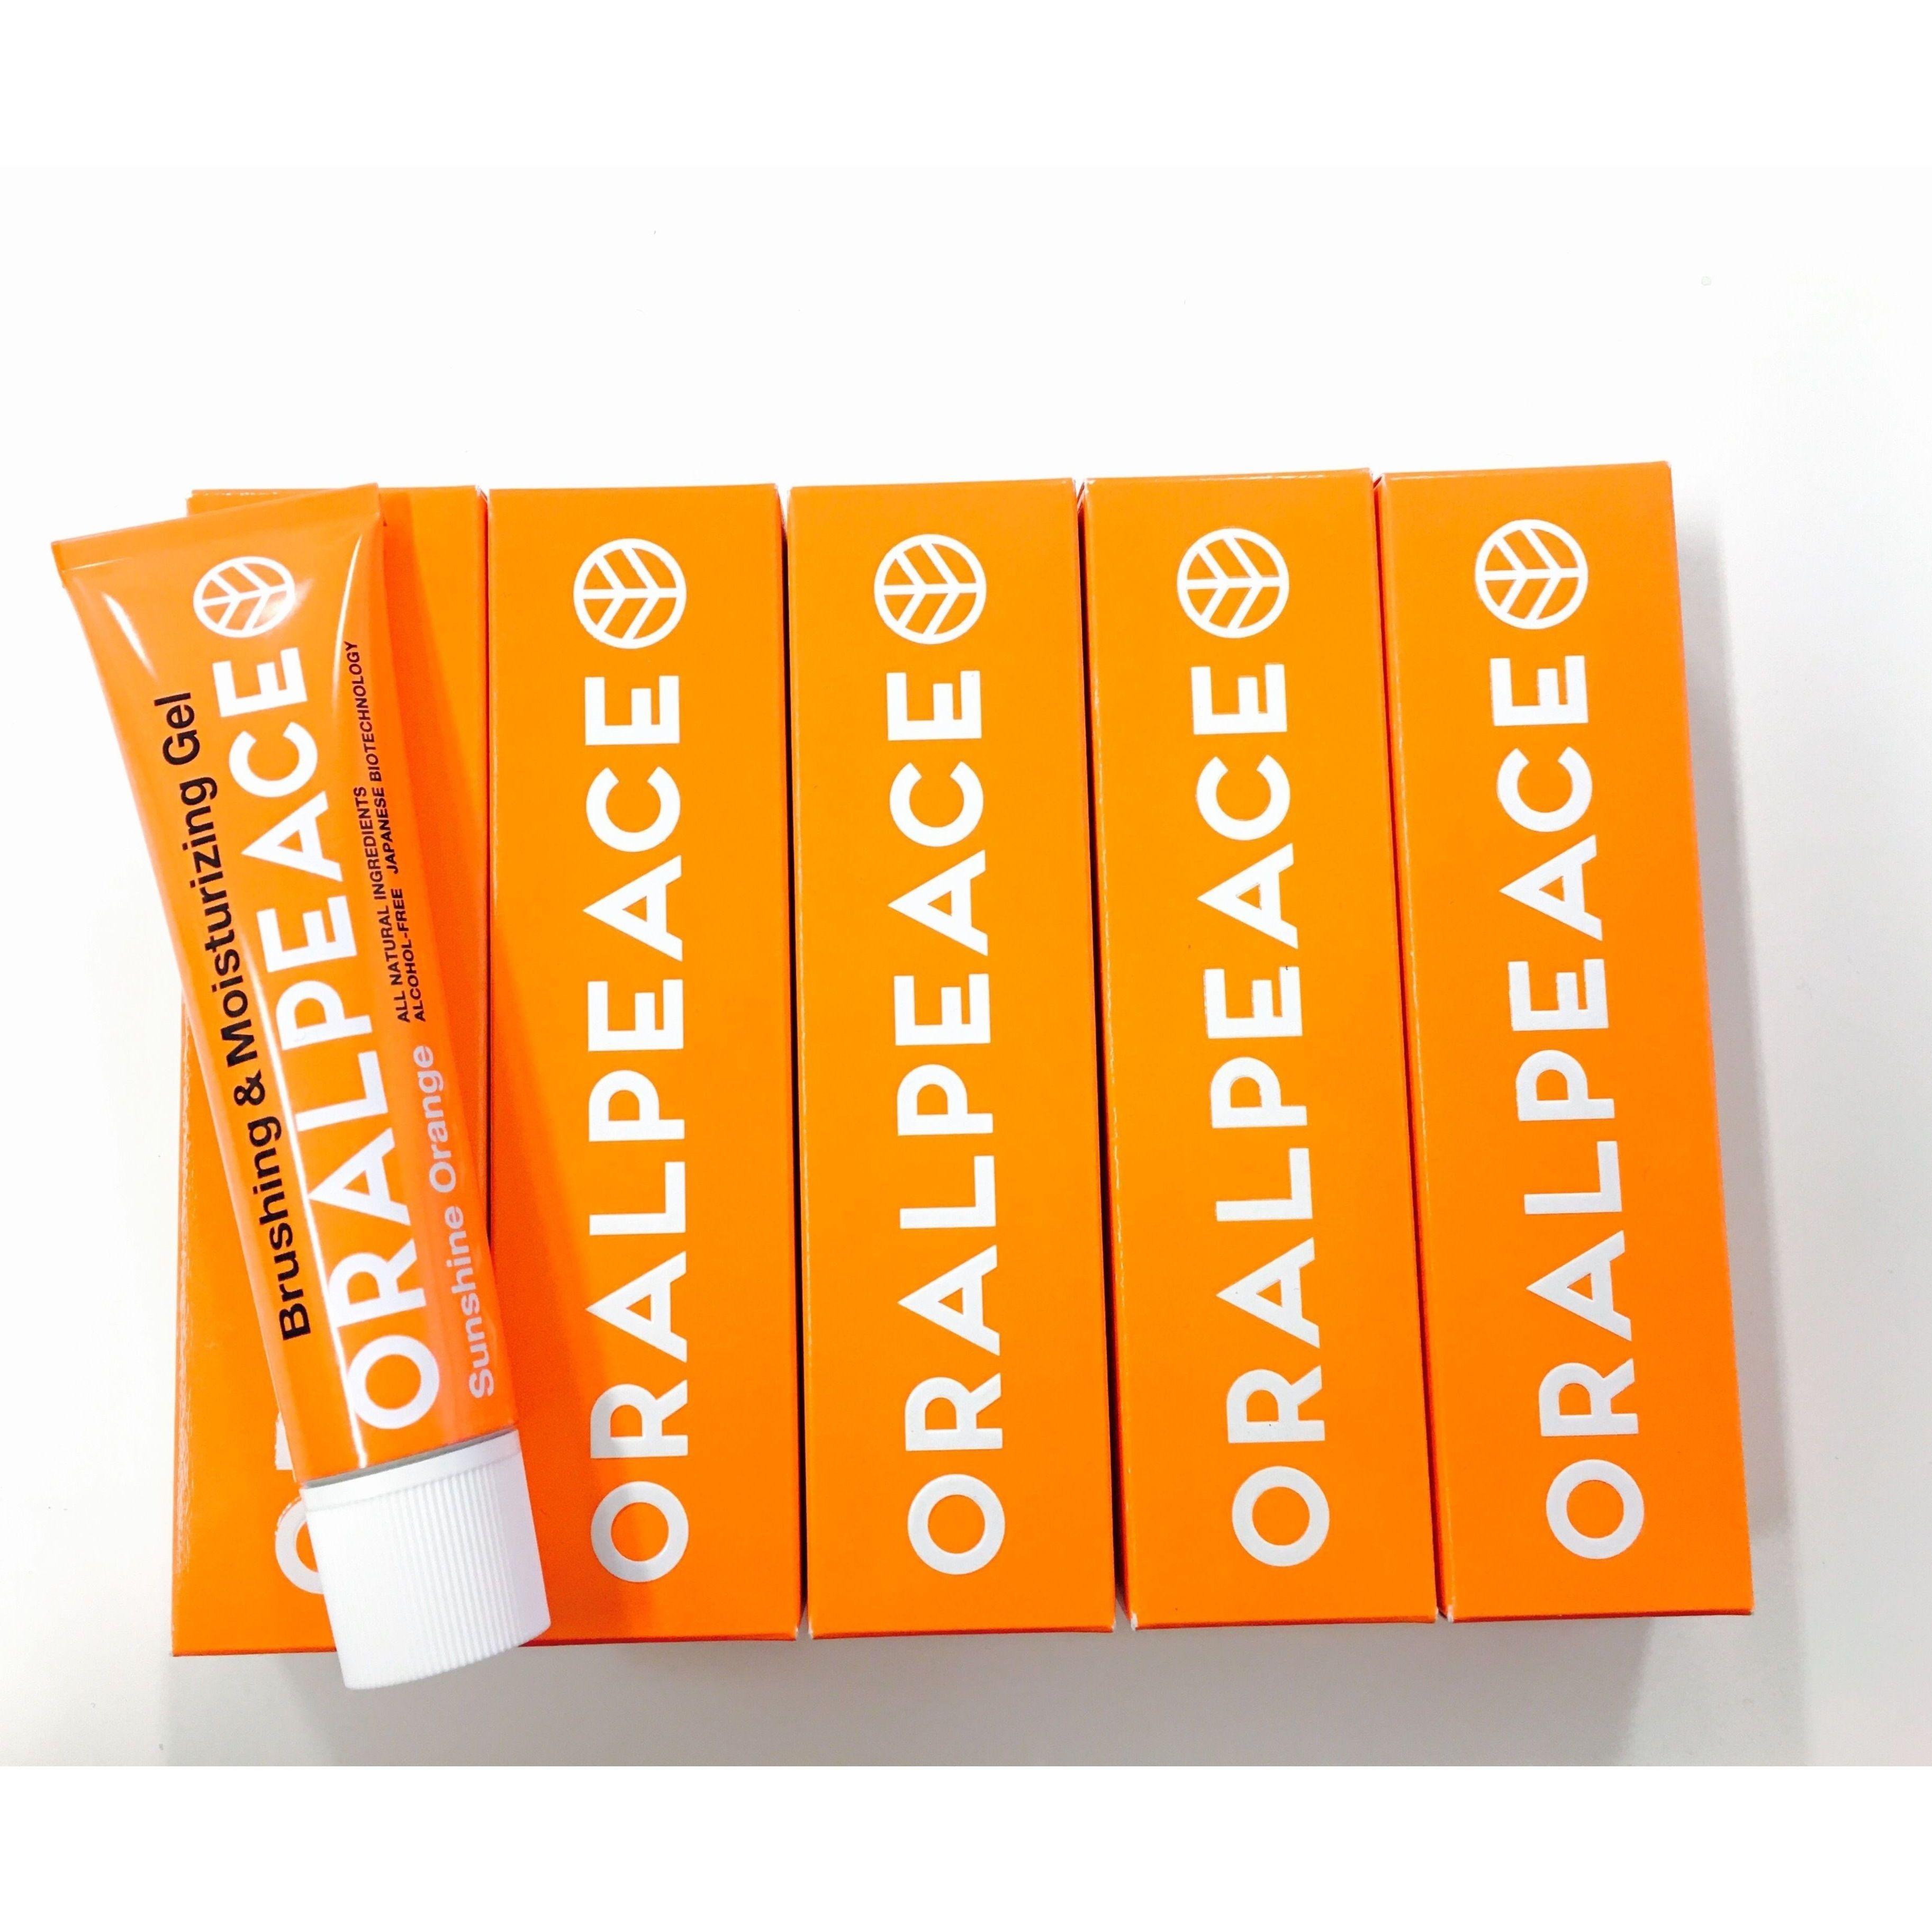 【お得な5本セット!!】オーラルピース サンシャインオレンジ 歯みがき& 口腔ケアジェル 5本セット